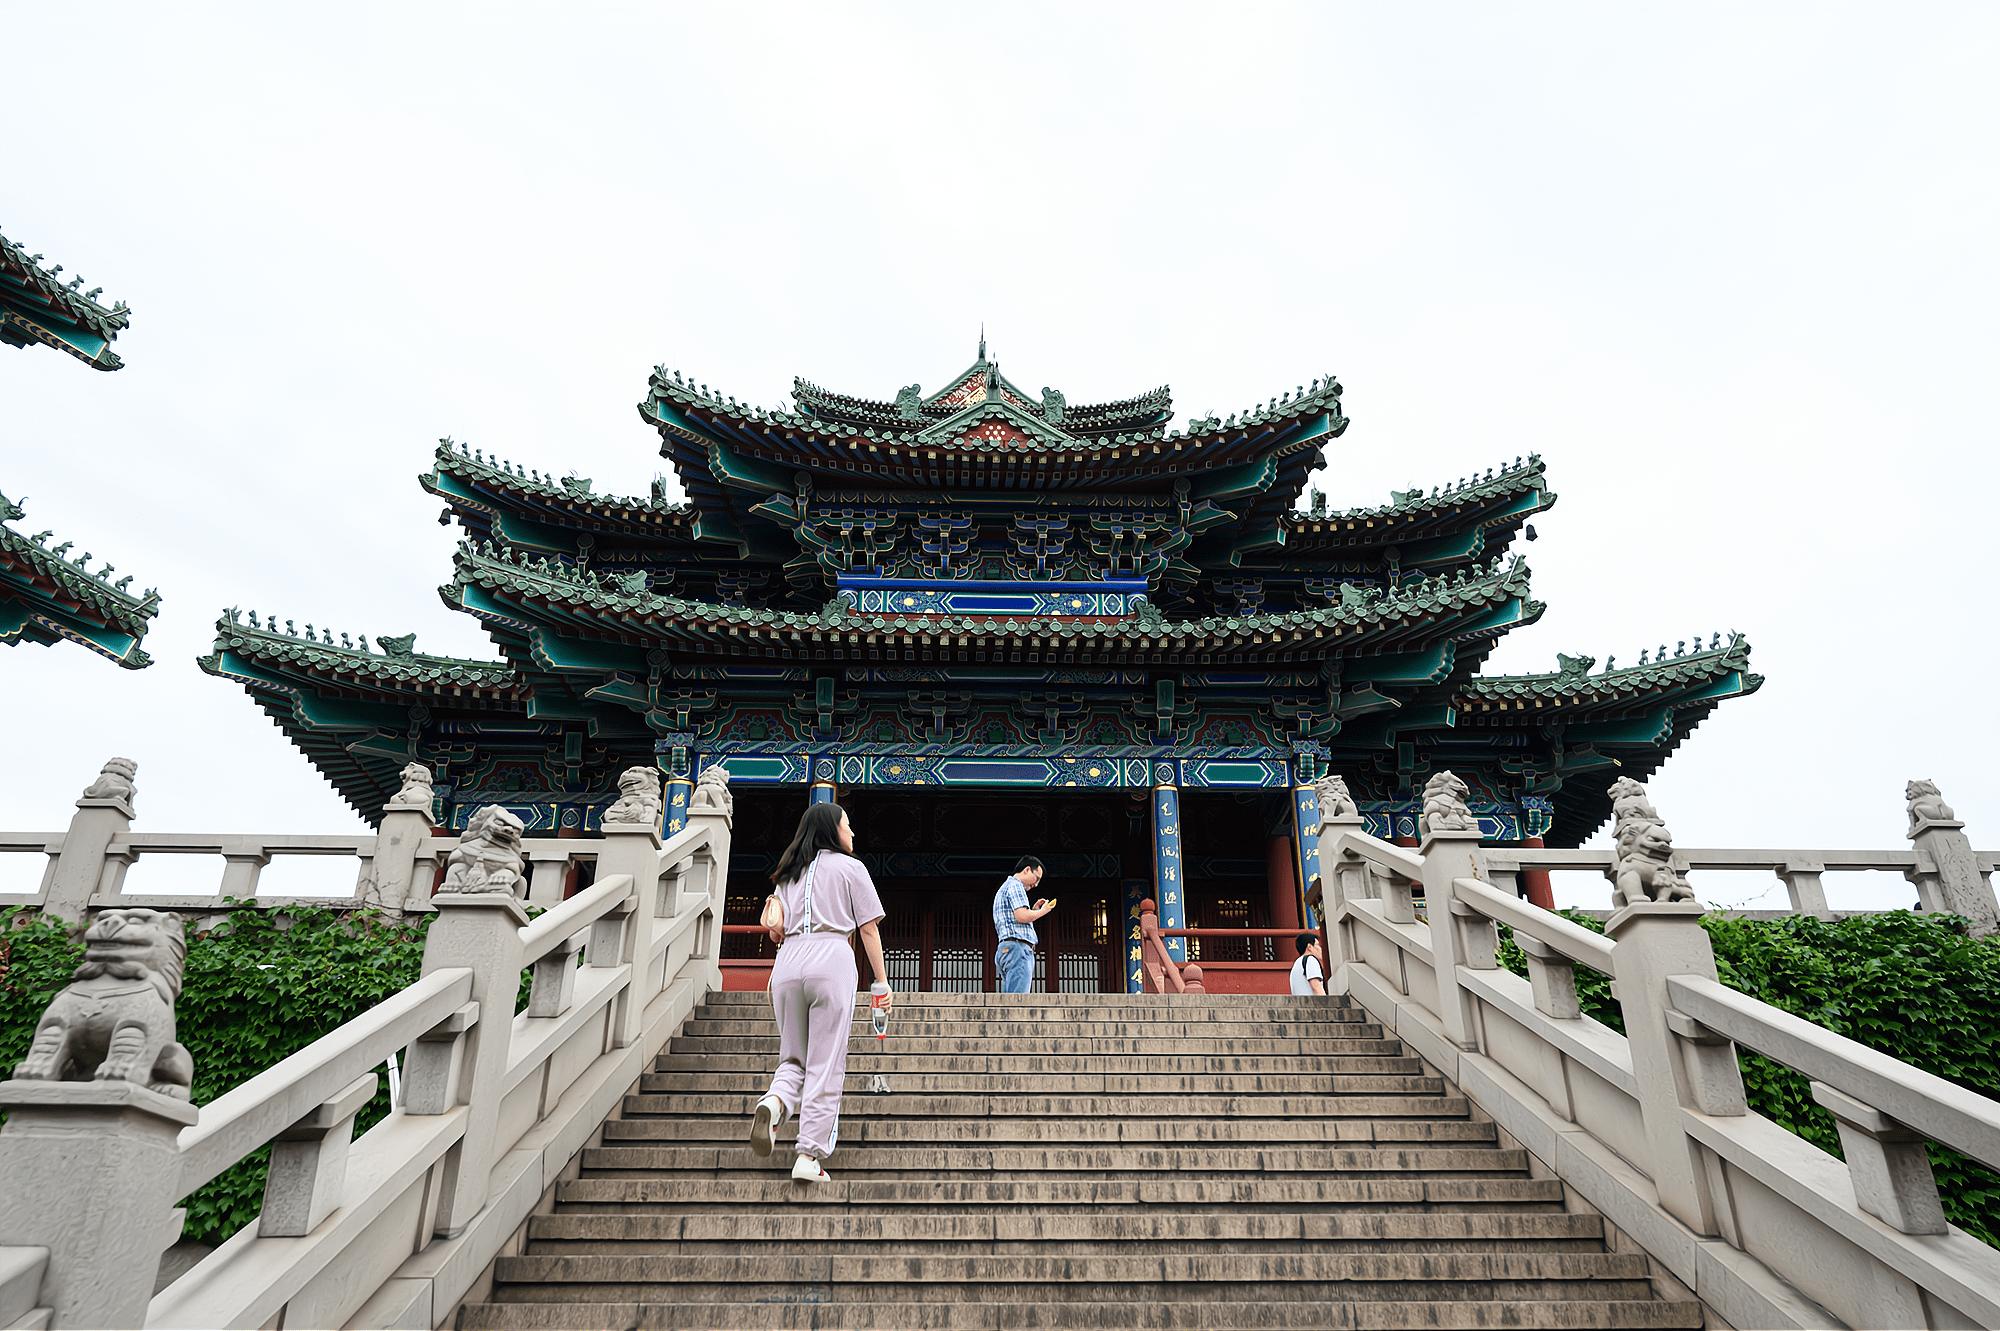 """南京有一座江南名楼,历时600年建成,被誉为""""江南第一楼"""""""